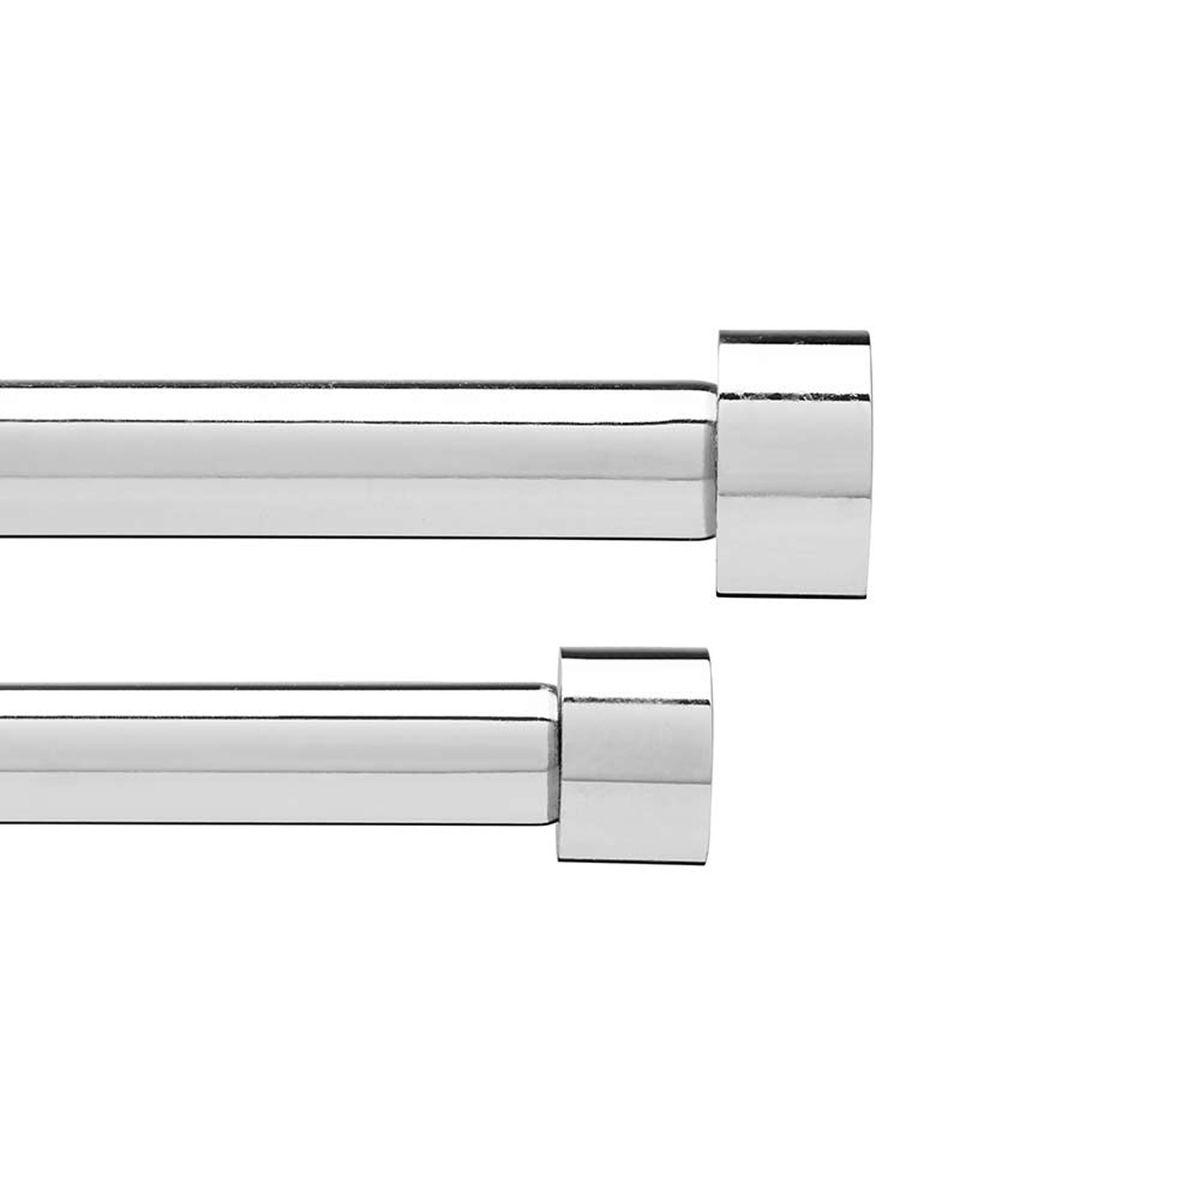 Карниз Umbra Cappa, двойной, 91-183 смSVC-300Двойной карниз для штор Cappa имеет телескопическую конструкцию, которая позволяет регулировать его длину, и металлические украшения в виде насадок по краям. Диаметр переднего карниза 1,9 см, заднего 1,6 см. Крепления идут в комплекте.